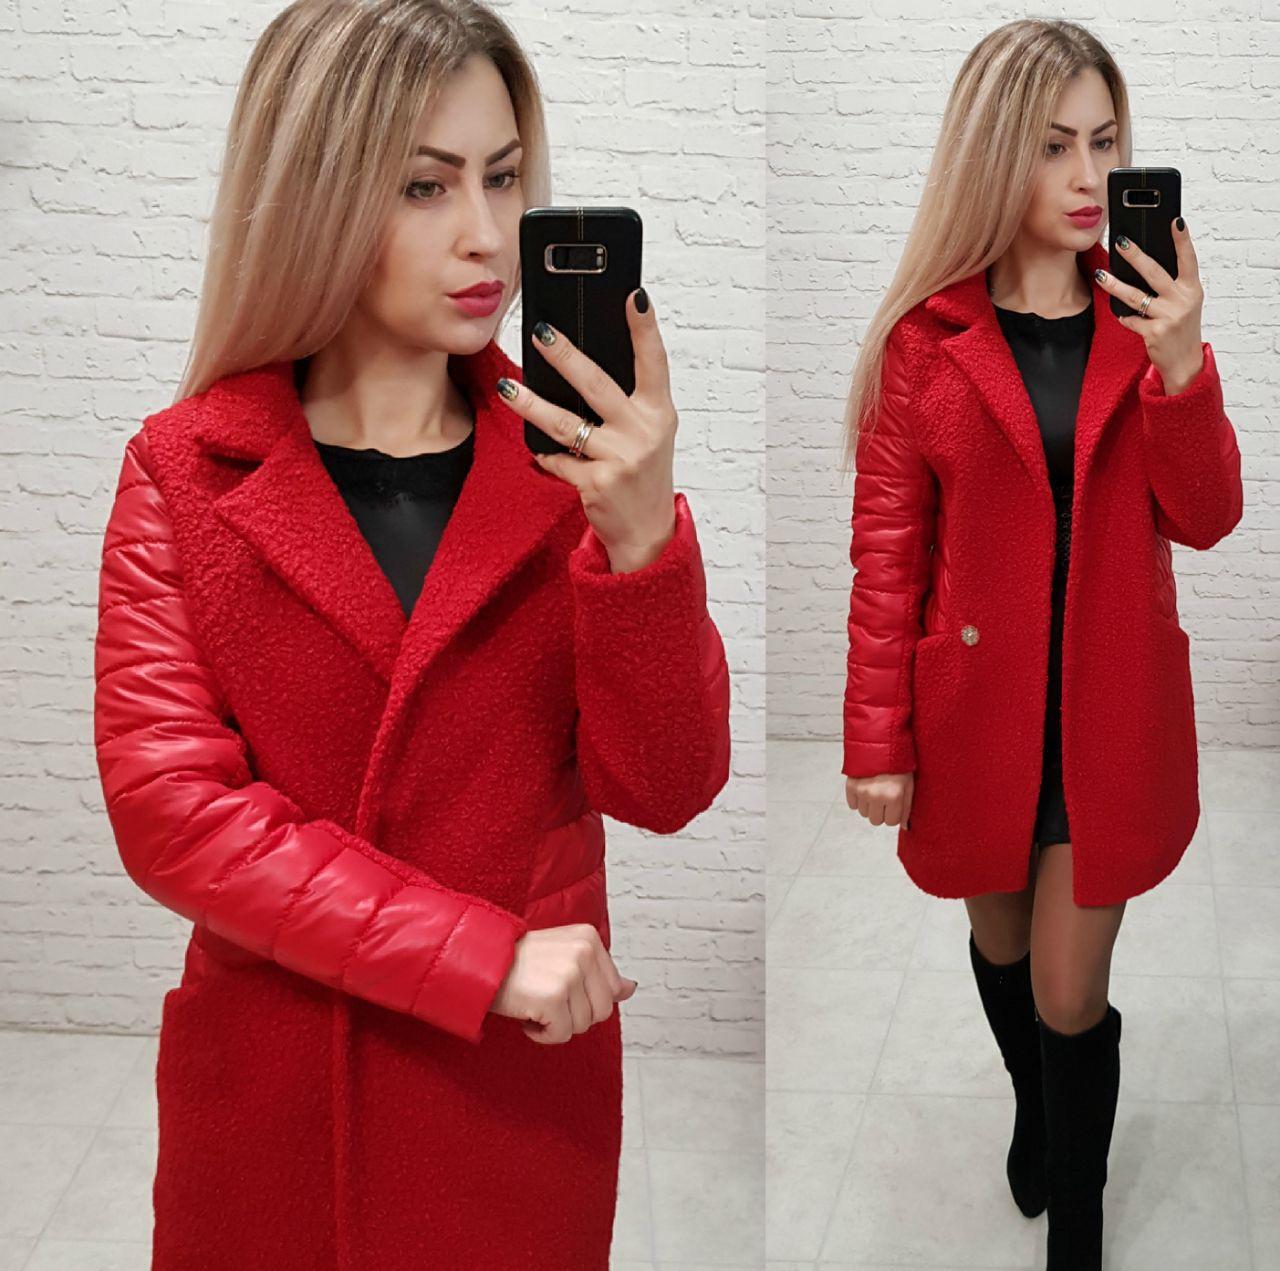 Пальто женское, букле, модель 821, цвет - красный